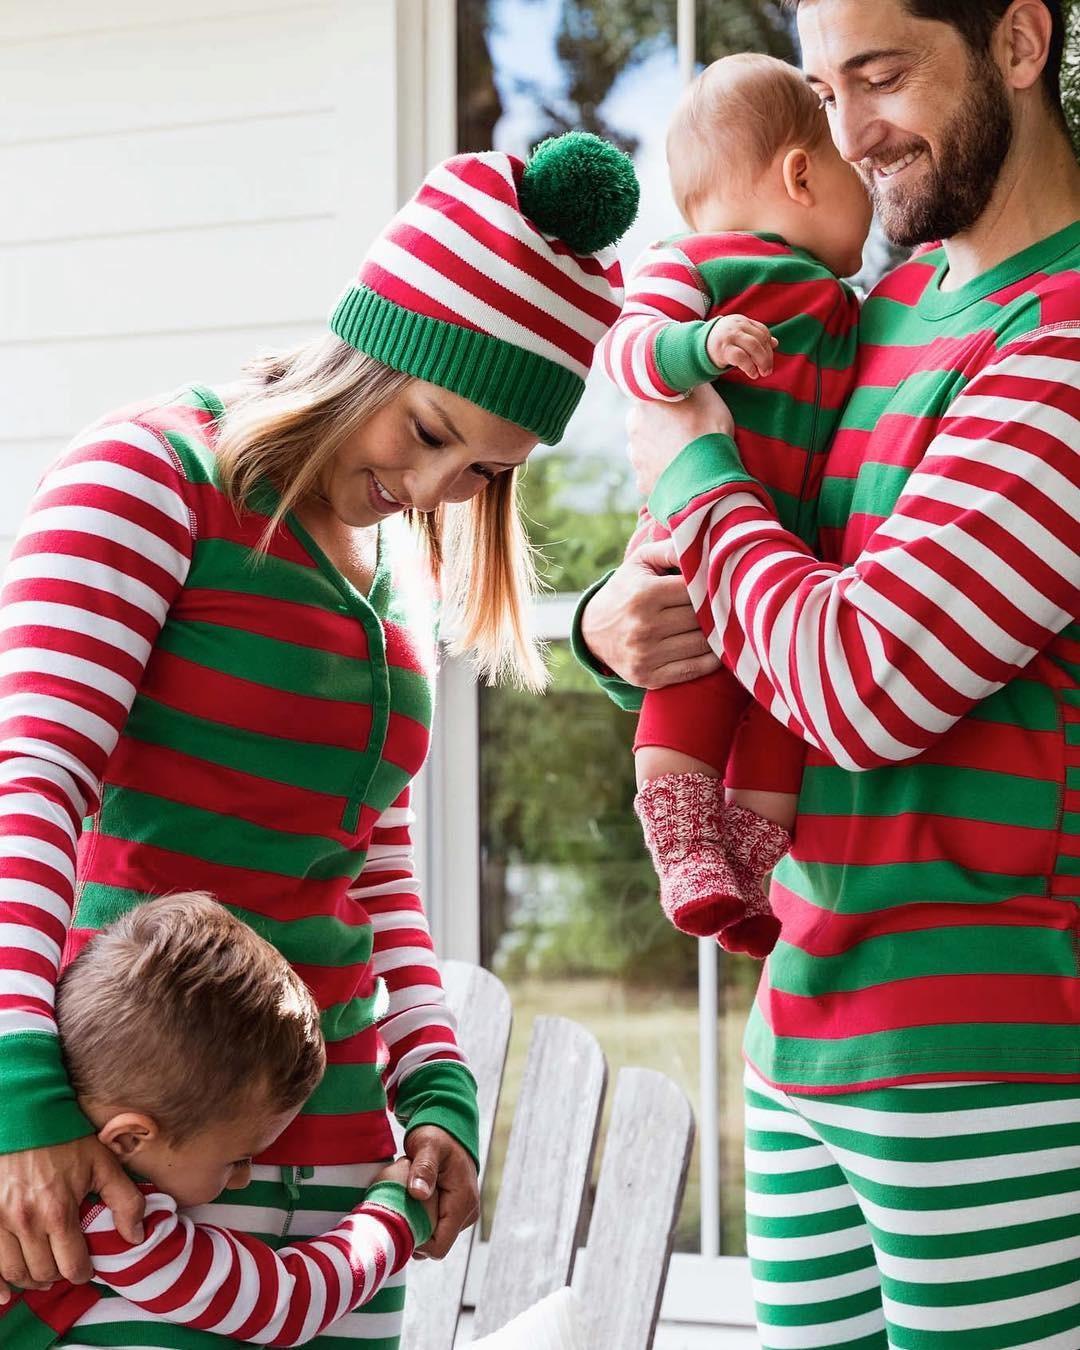 bien fuera x fecha de lanzamiento: venta minorista Pijamas a juego para toda la familia: conjuntados en Navidad y el ...